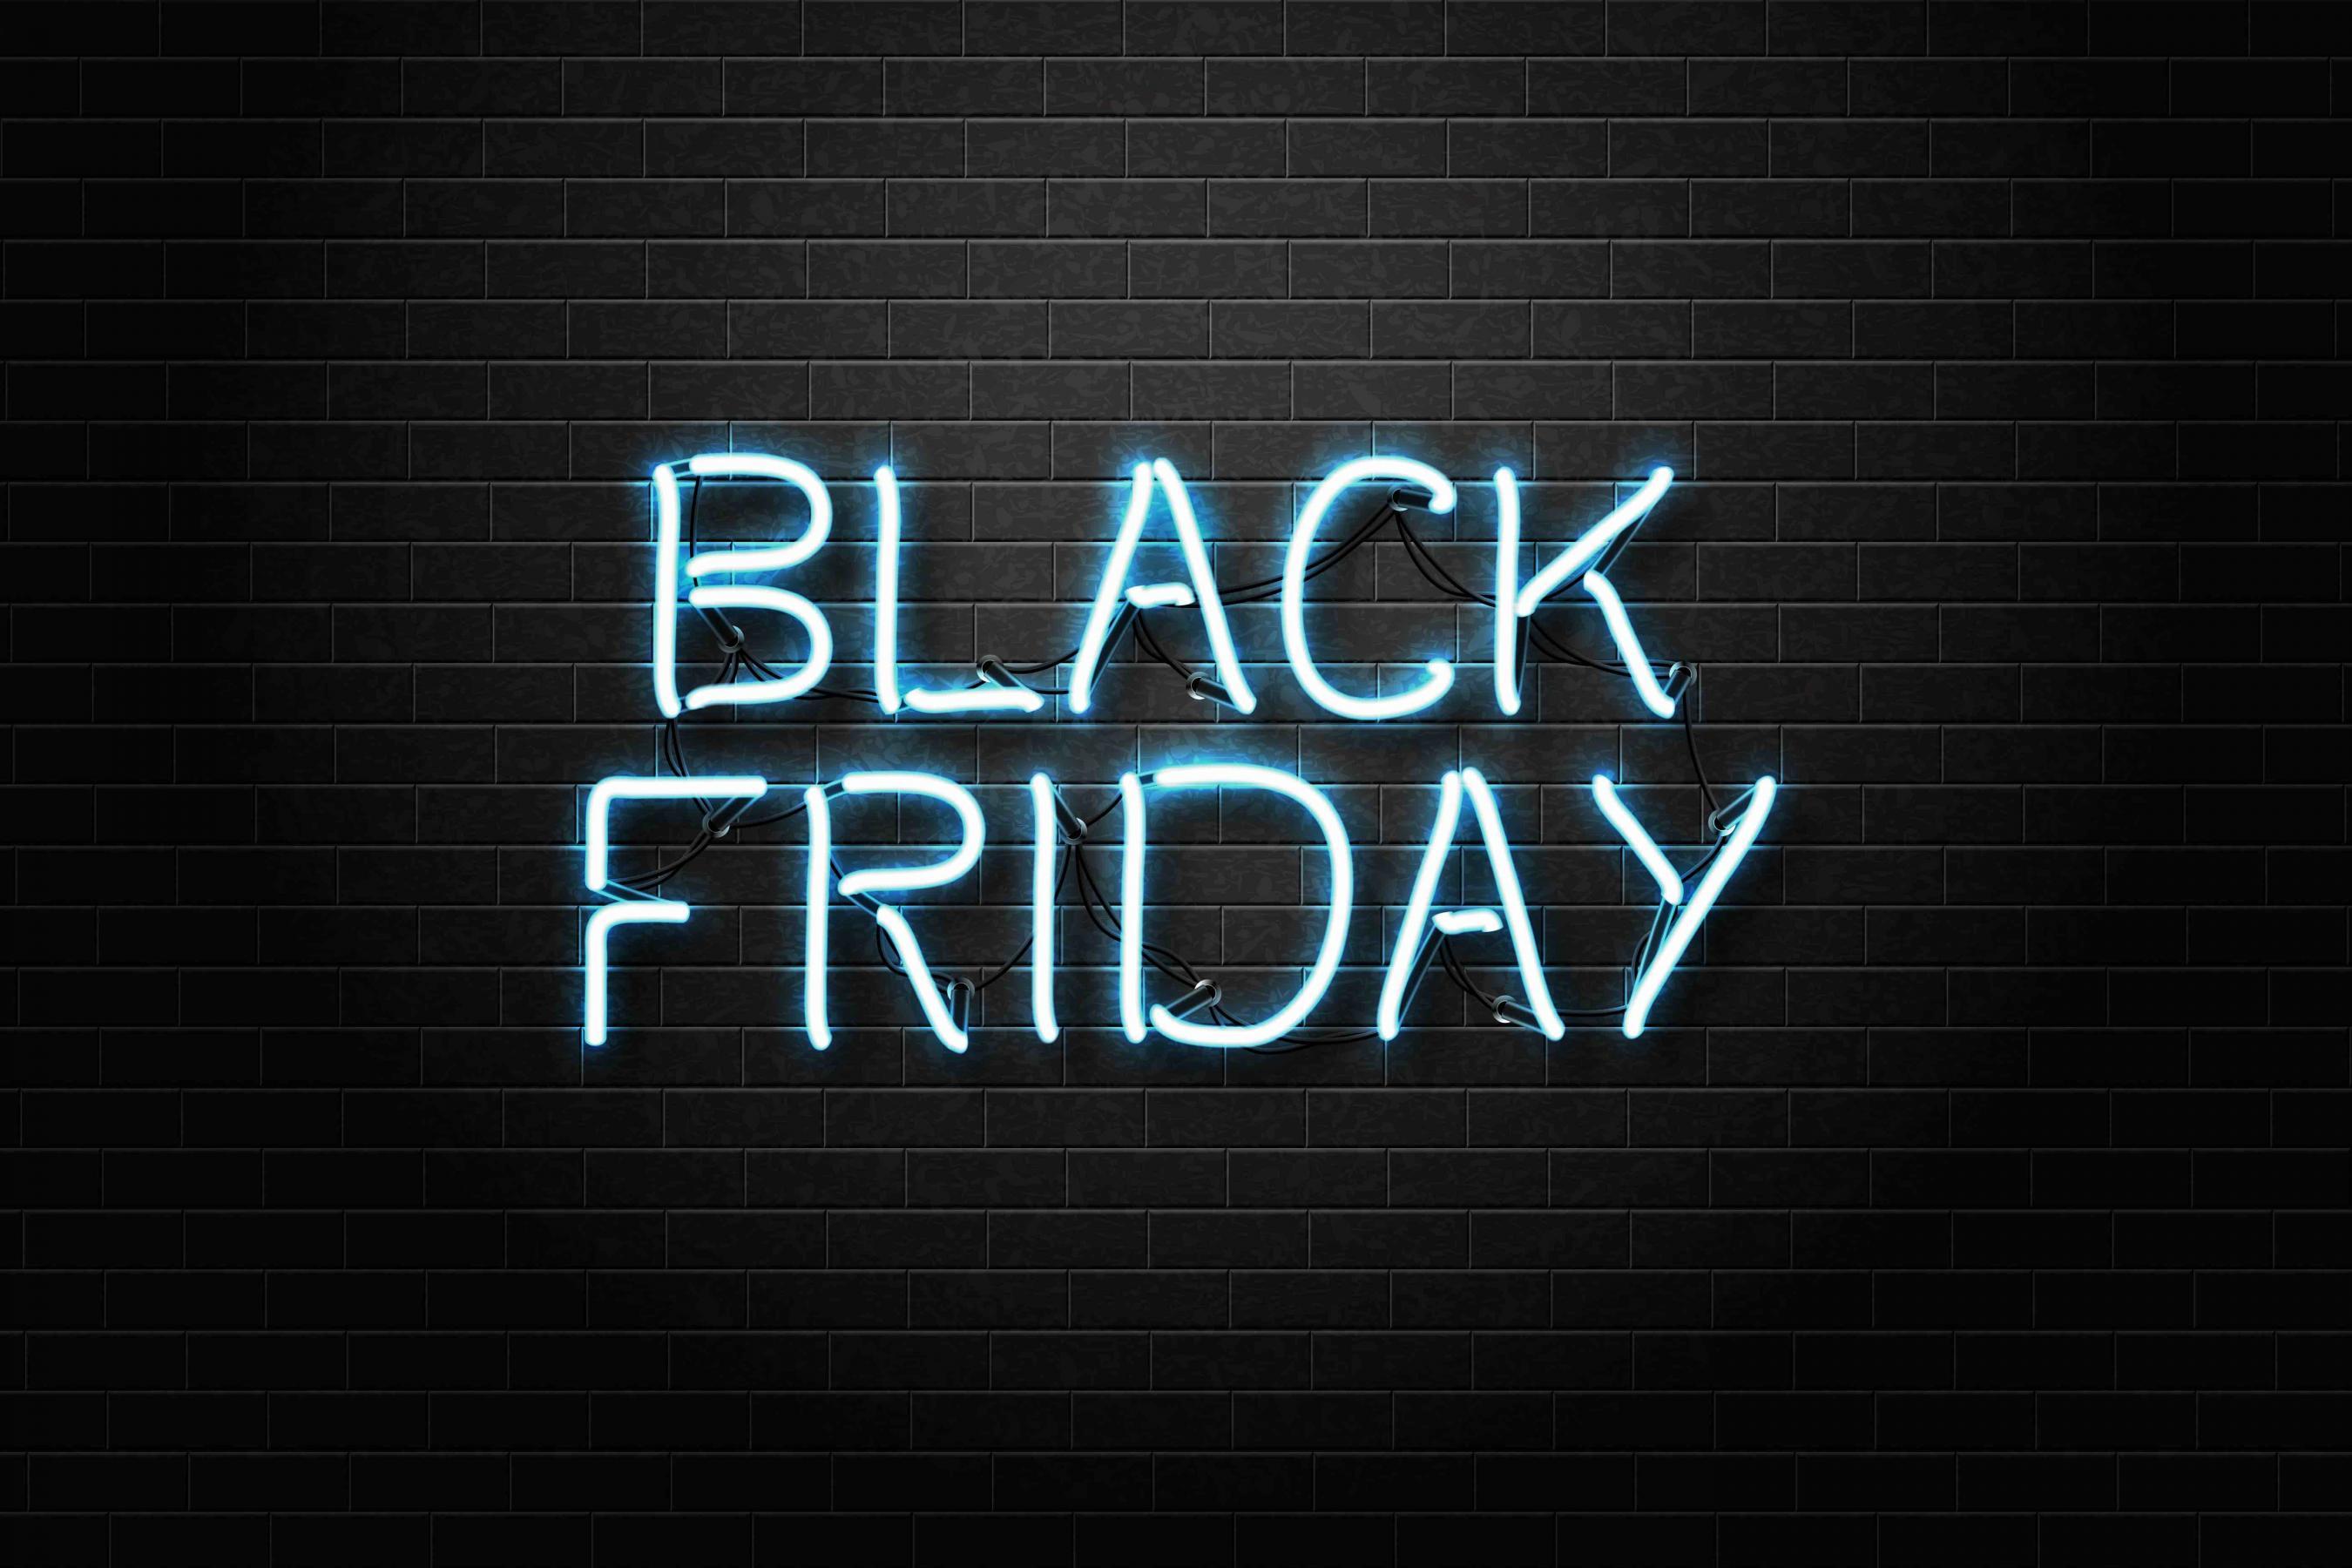 Чем закупаться в Черную пятницу? 12 товаров по отличной цене